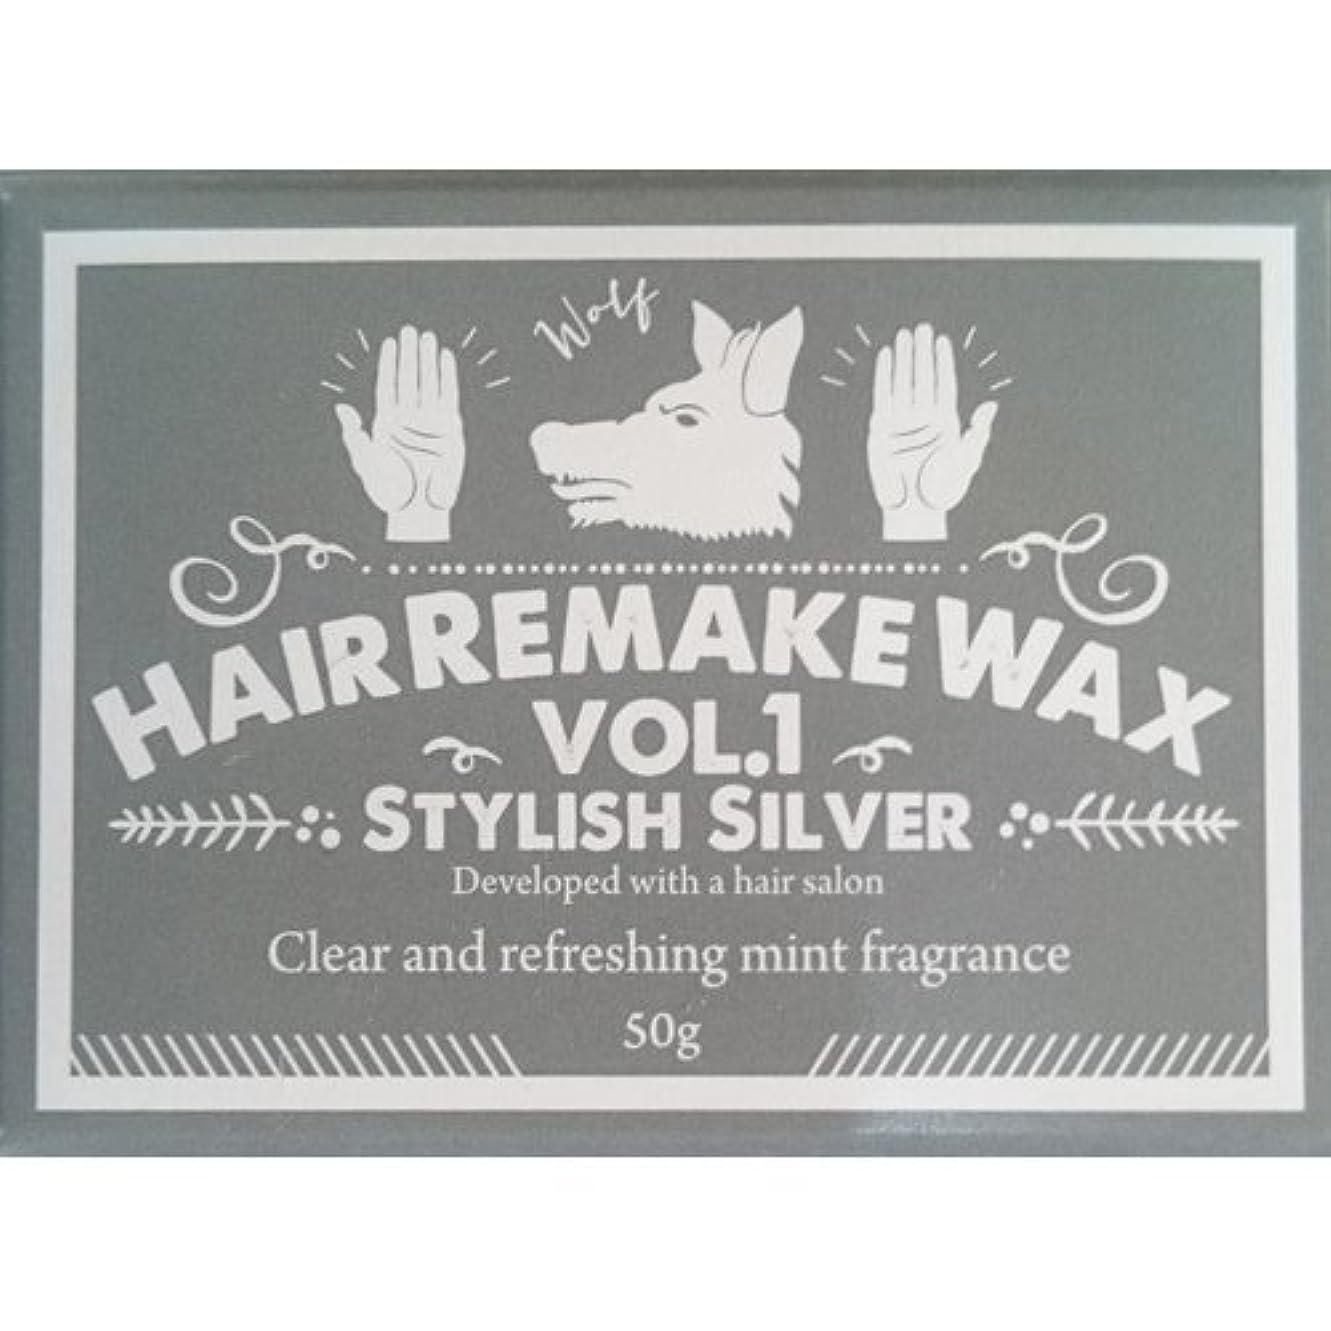 パーティー 変装 銀髪用 Hair Remake(ヘアーリメイクワックス)WAX Vol.1 スタイリッシュシルバー 50g